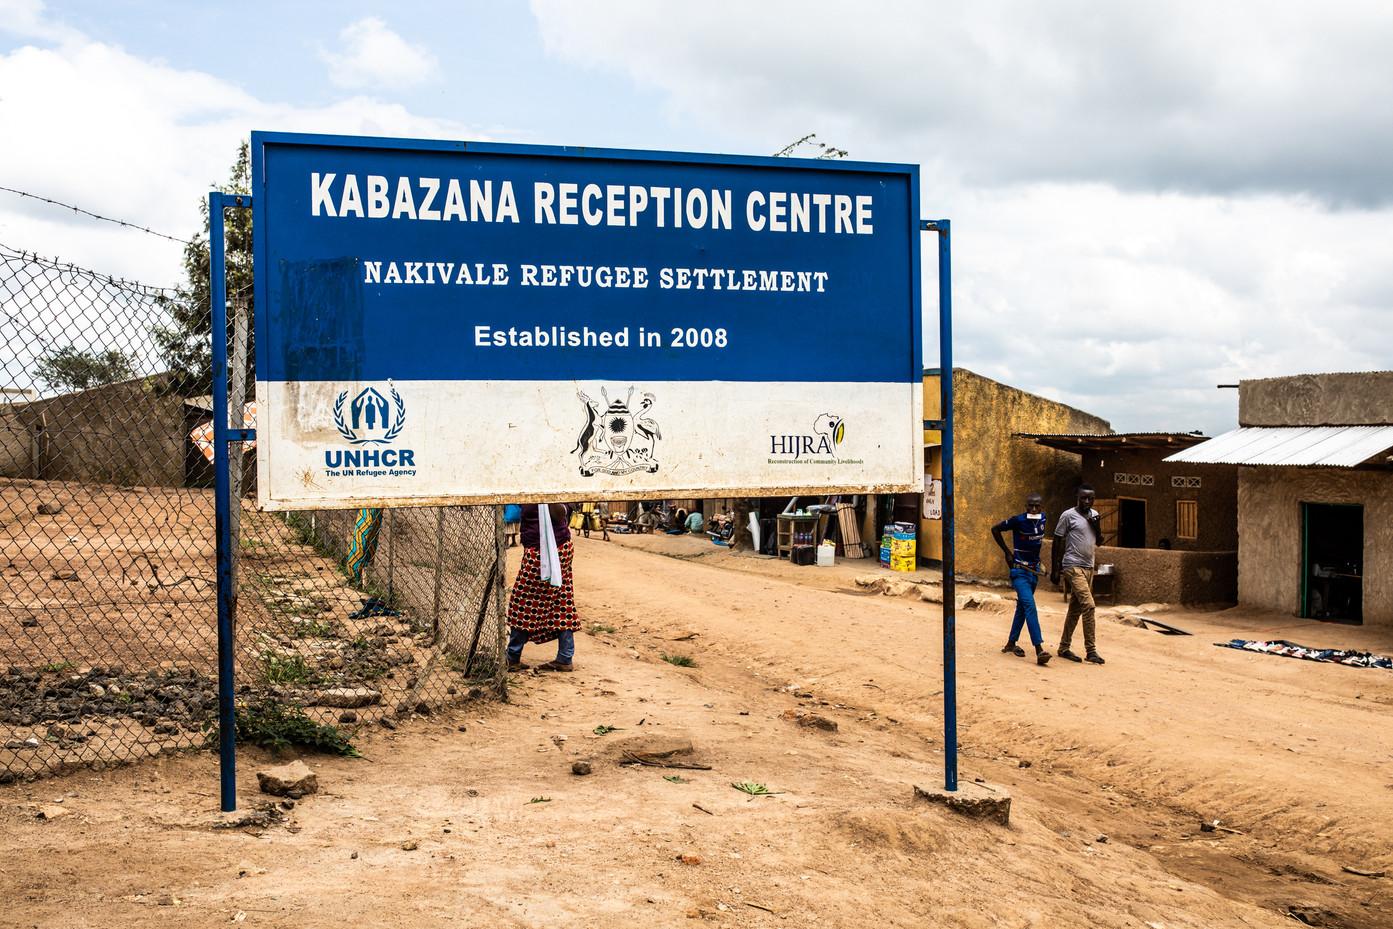 Kabazana reception center.